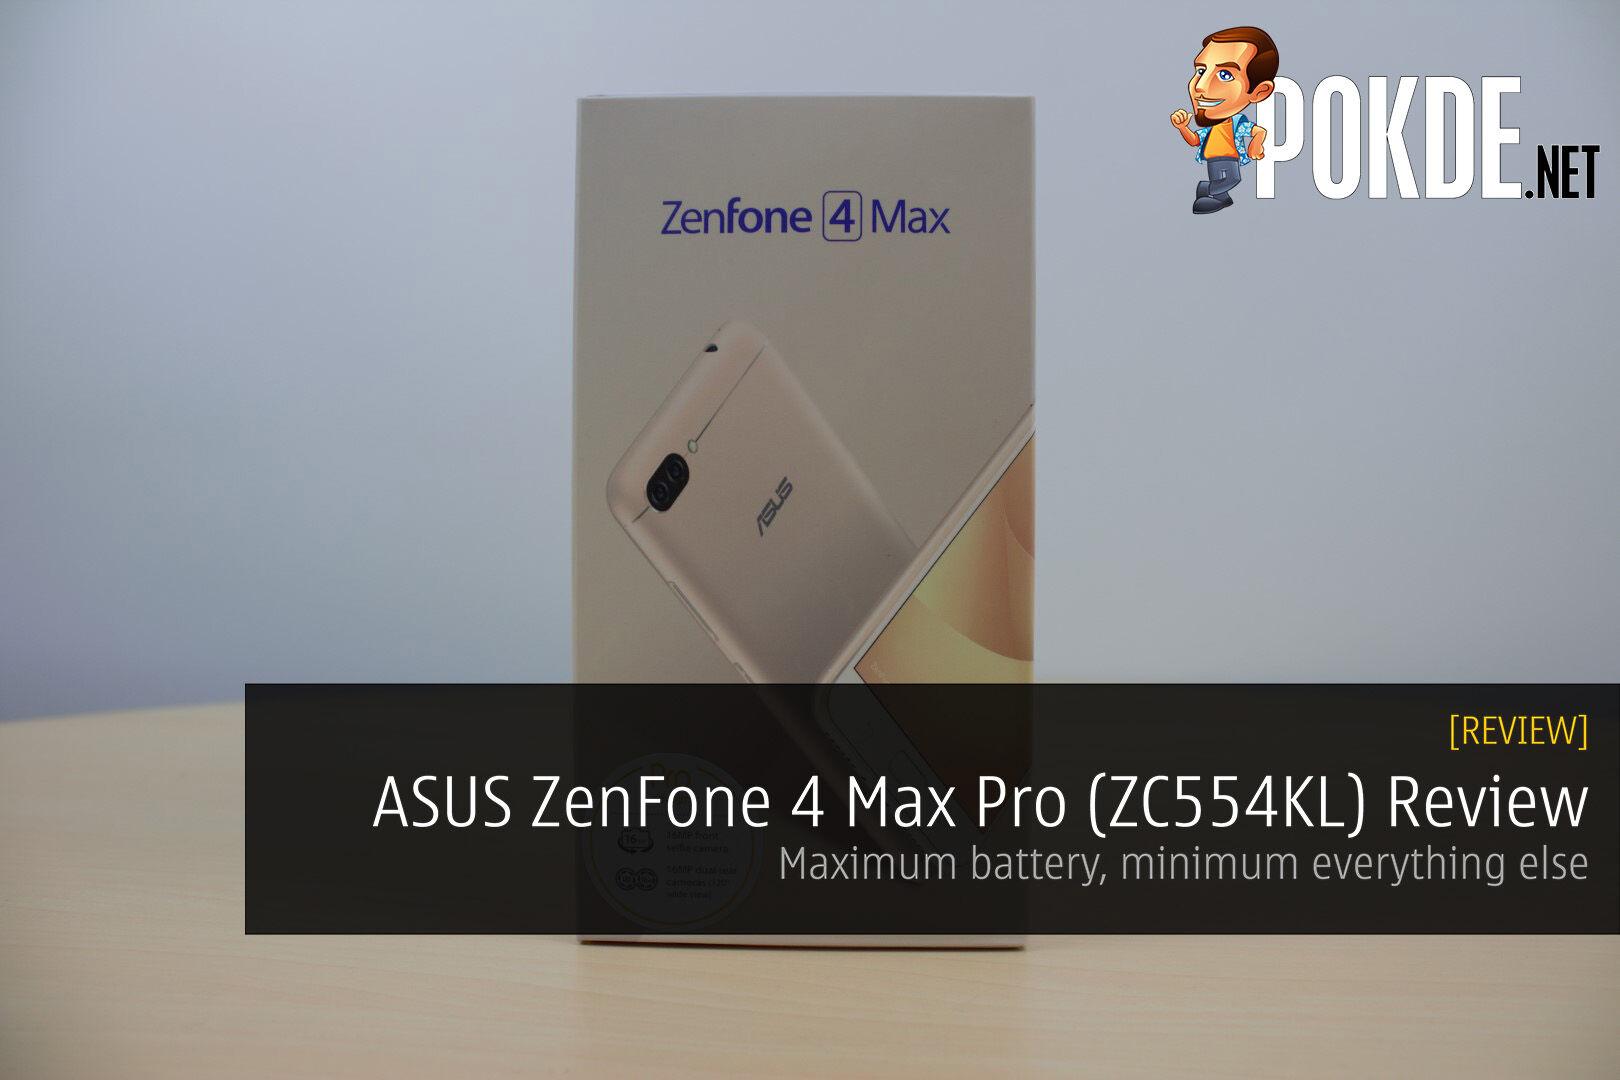 ASUS ZenFone 4 Max Pro (ZC554KL) Review - Maximum battery, minimum everything else 26